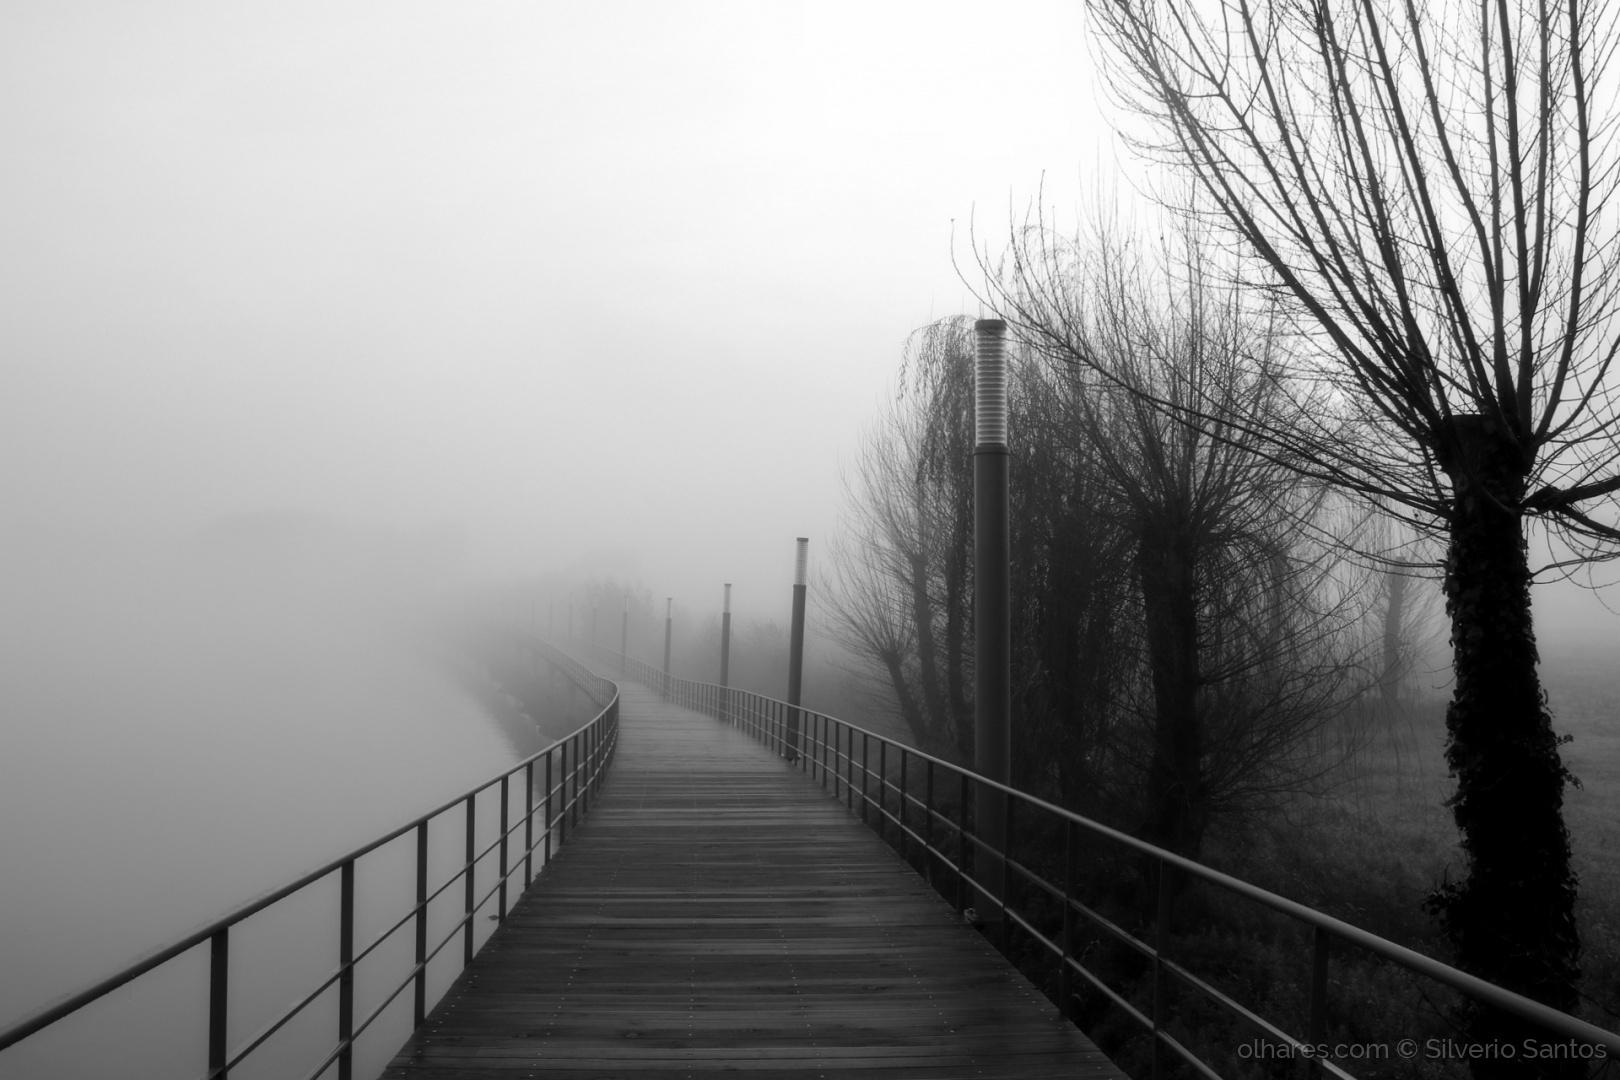 Outros/Caminhos no nevoeiro